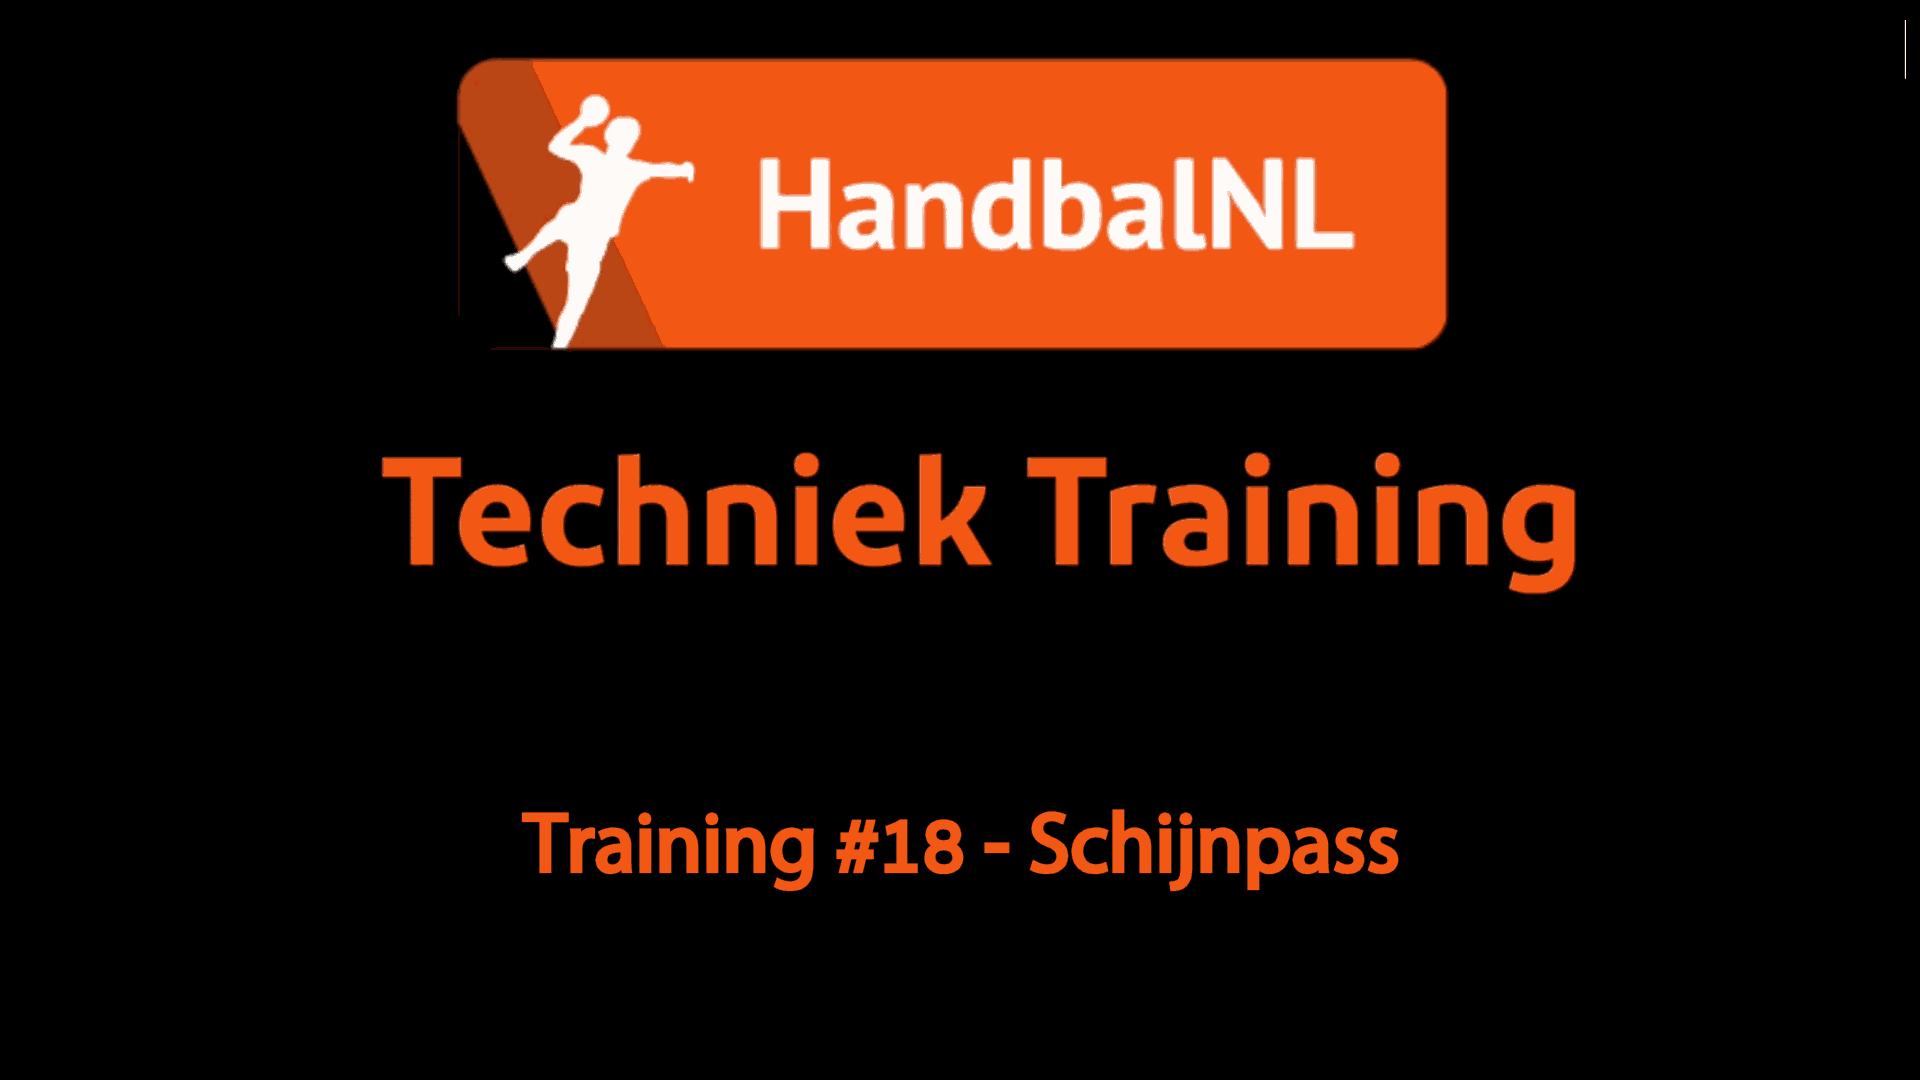 Training #18 – Schijnpass